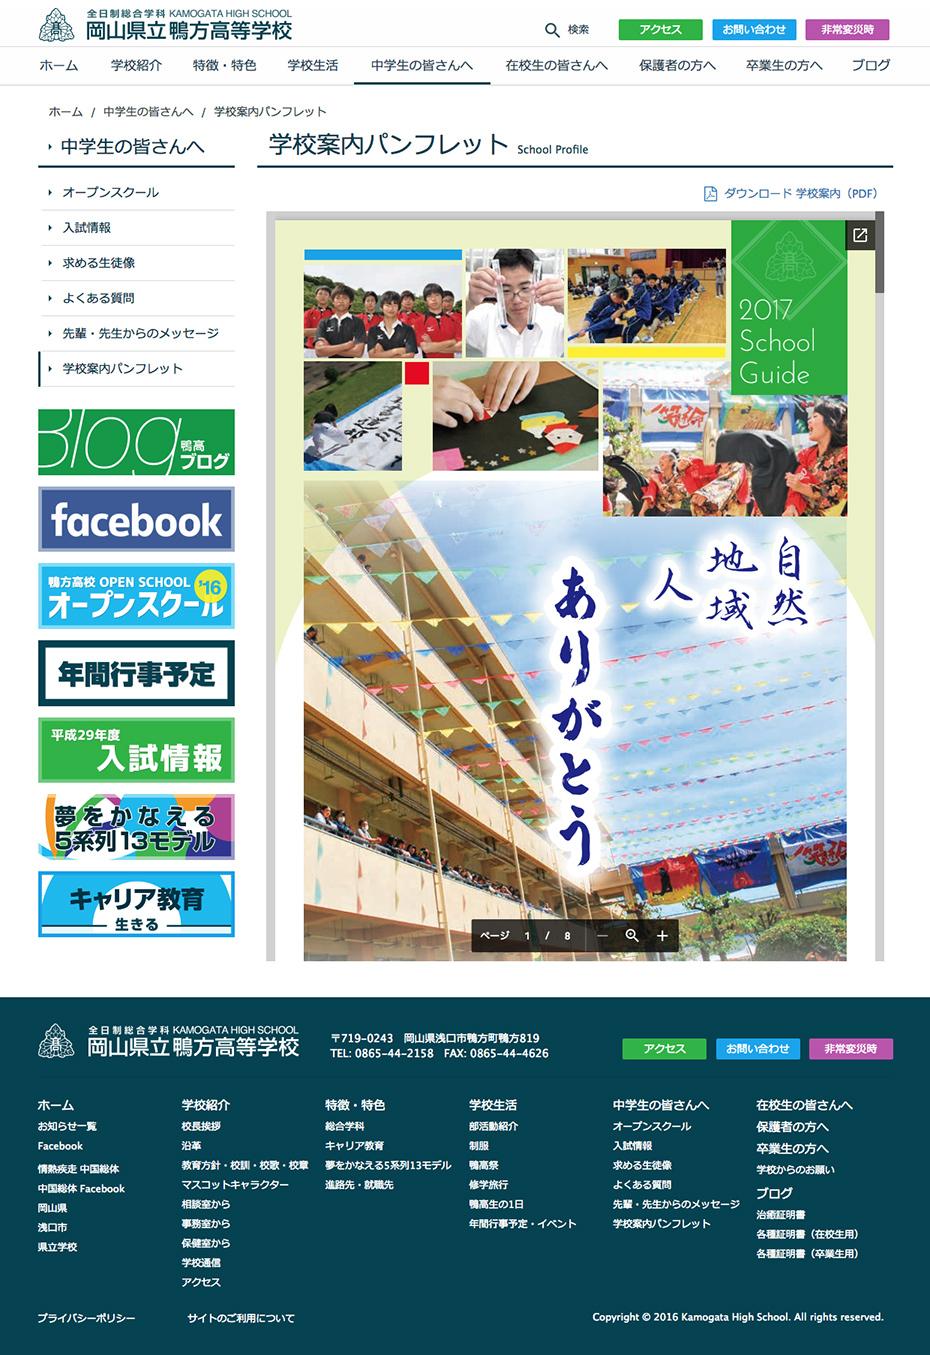 岡山県立鴨方高等学校様 ホームページ 学校案内パンフレット